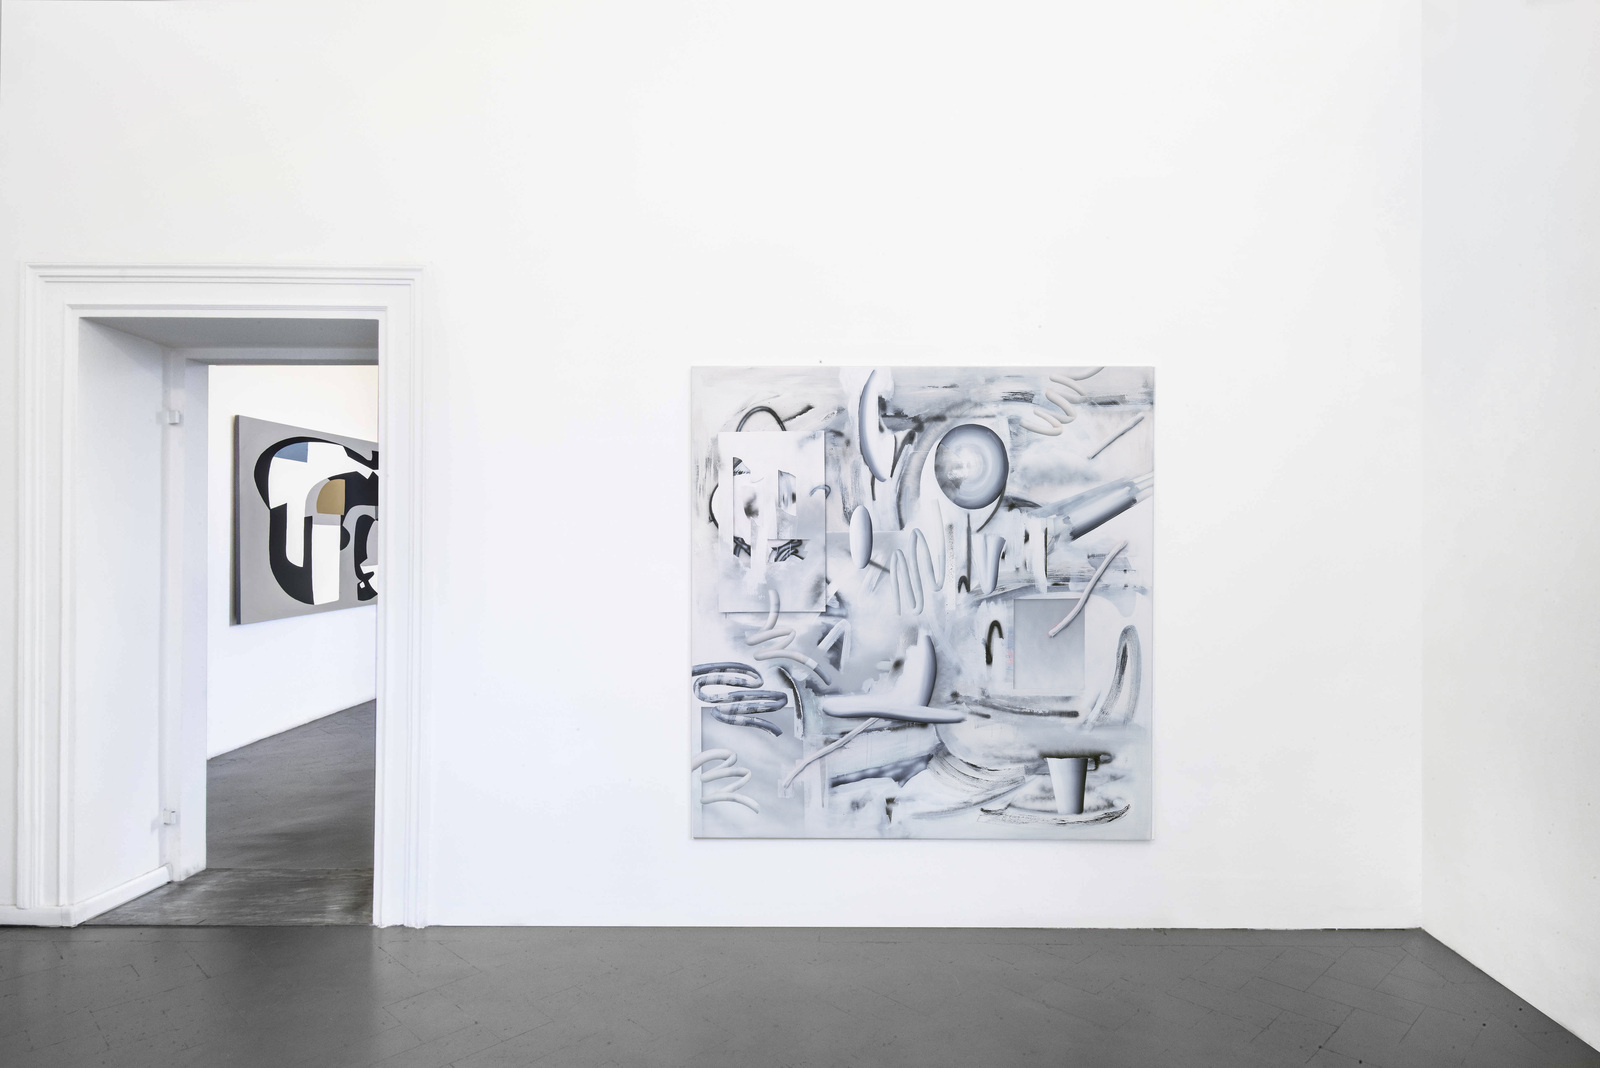 4.Installation view. Hayal Pozanti, Michael Debatty. Courtesy of eduardo secci Contemporary